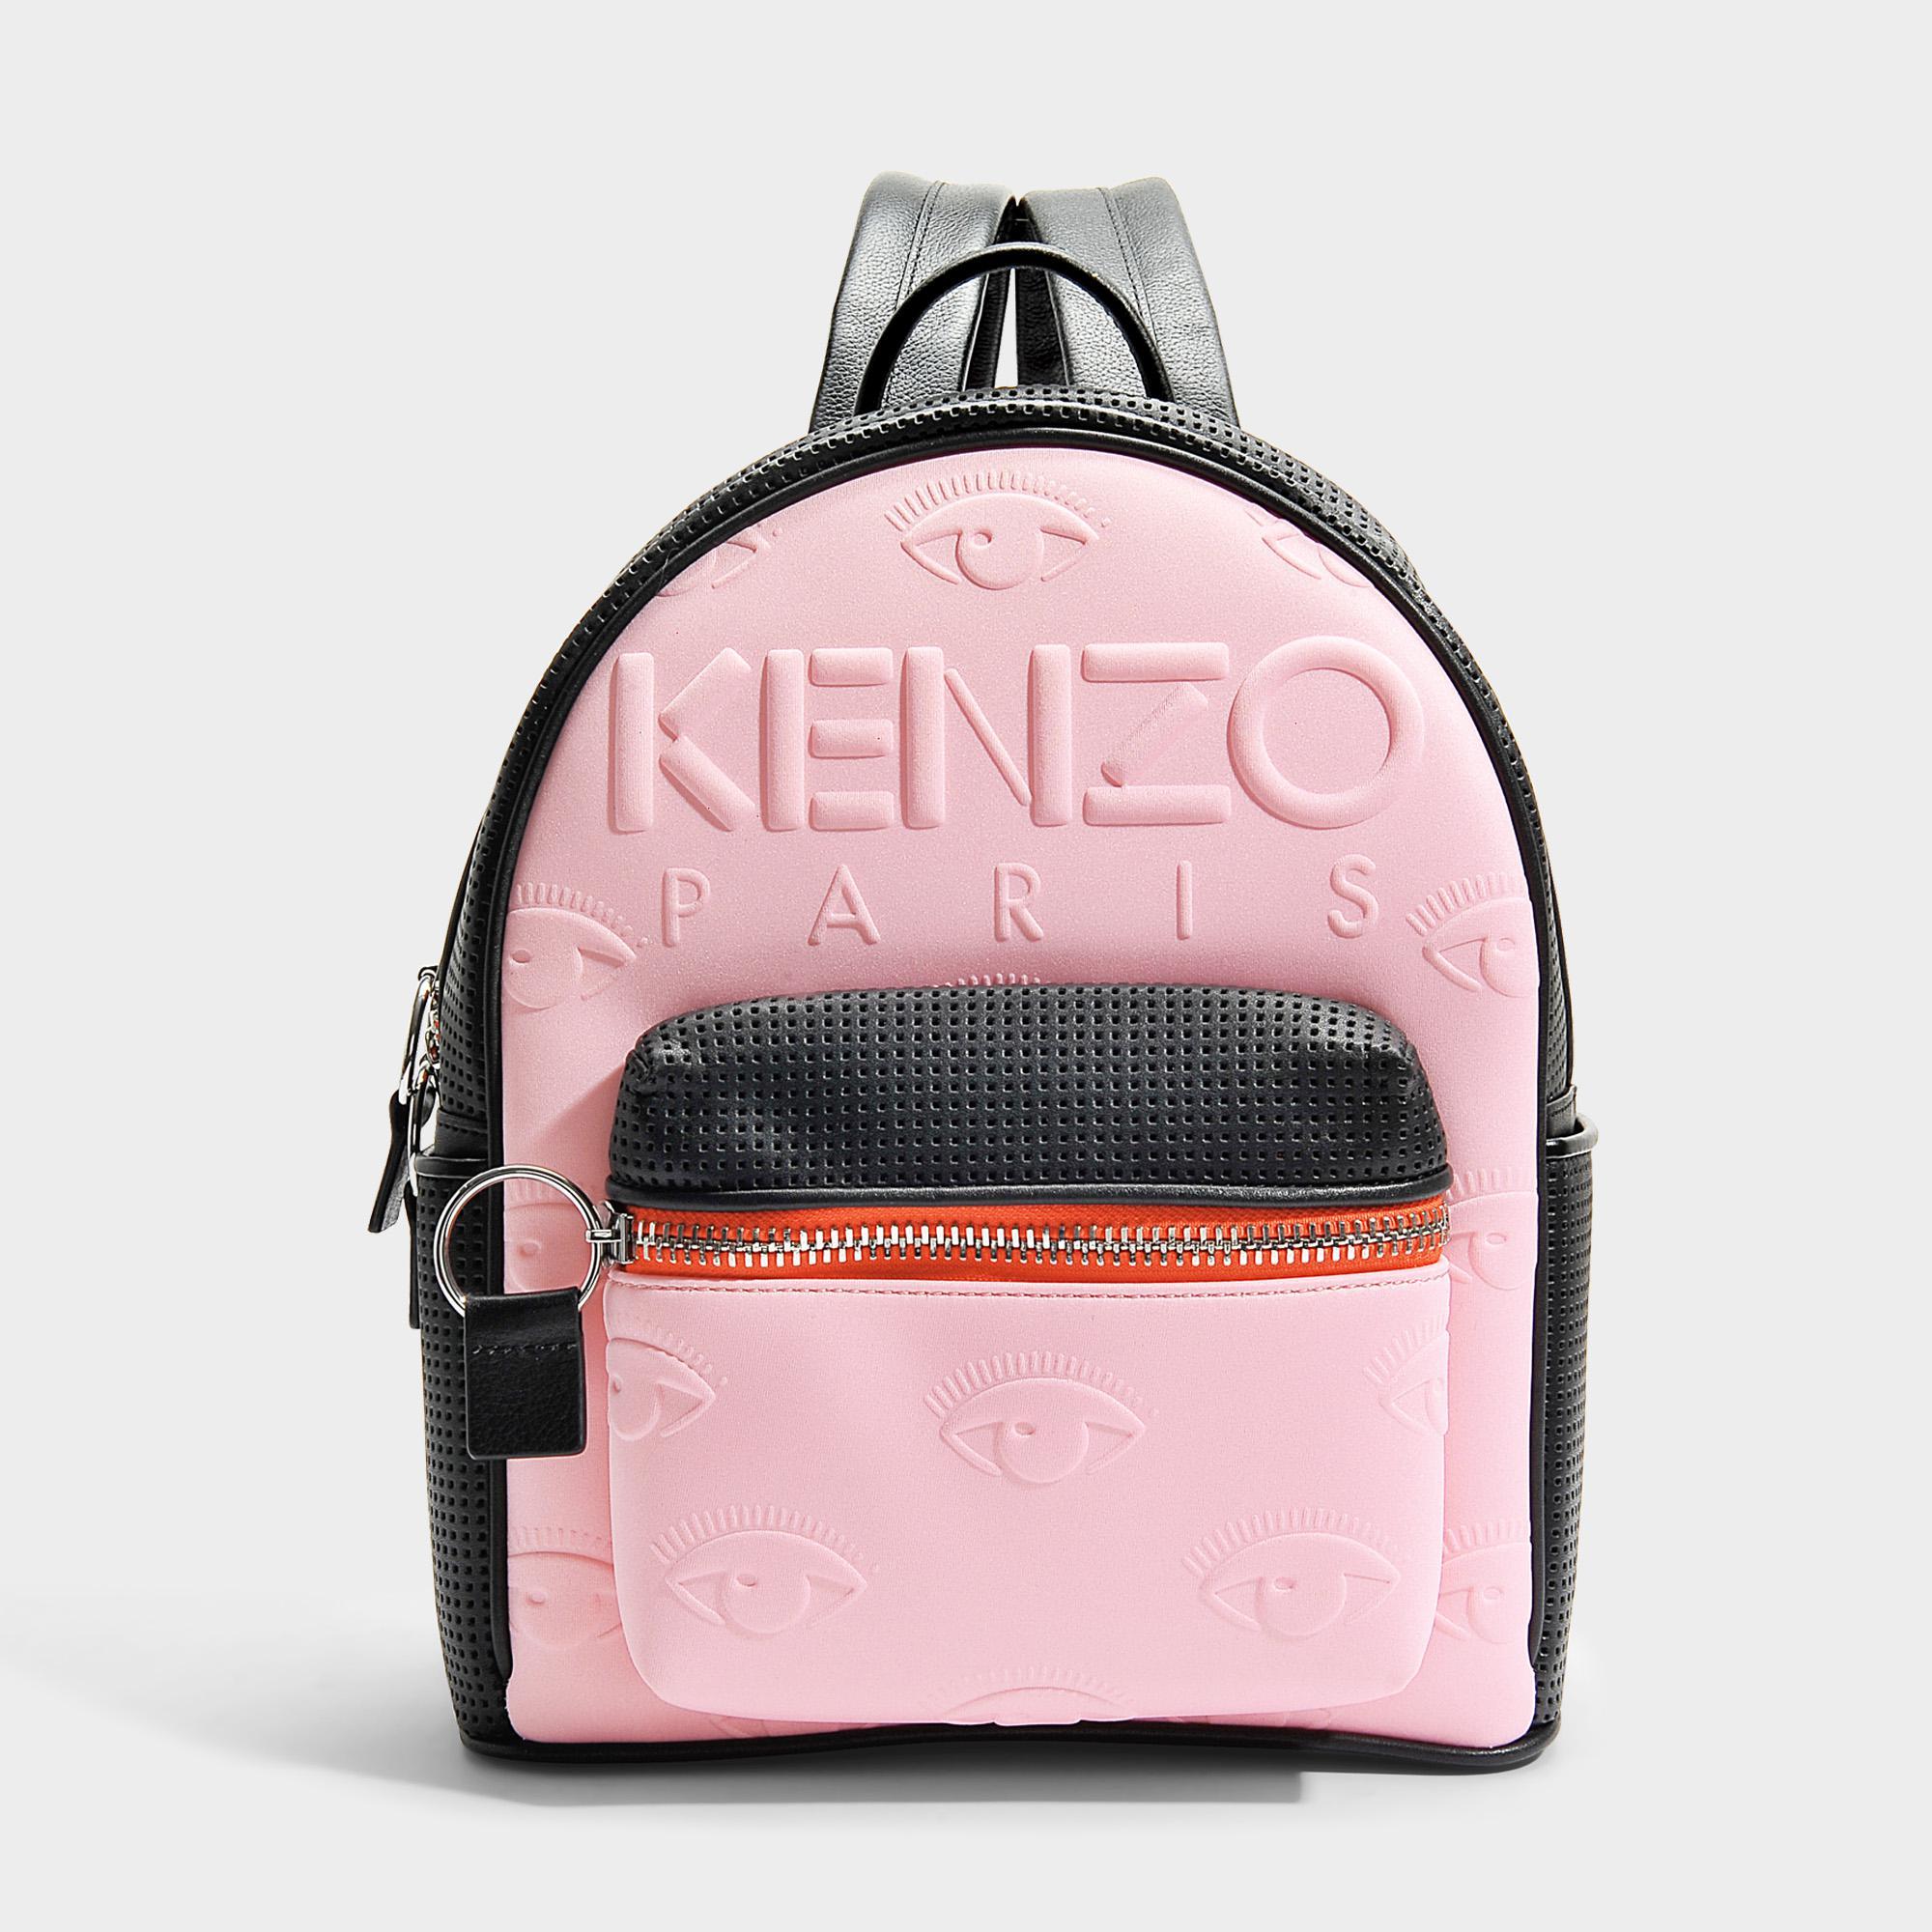 9b55a74e9 KENZO Kombo Backpack In Flamingo Pink Neoprene And Mesh - Lyst